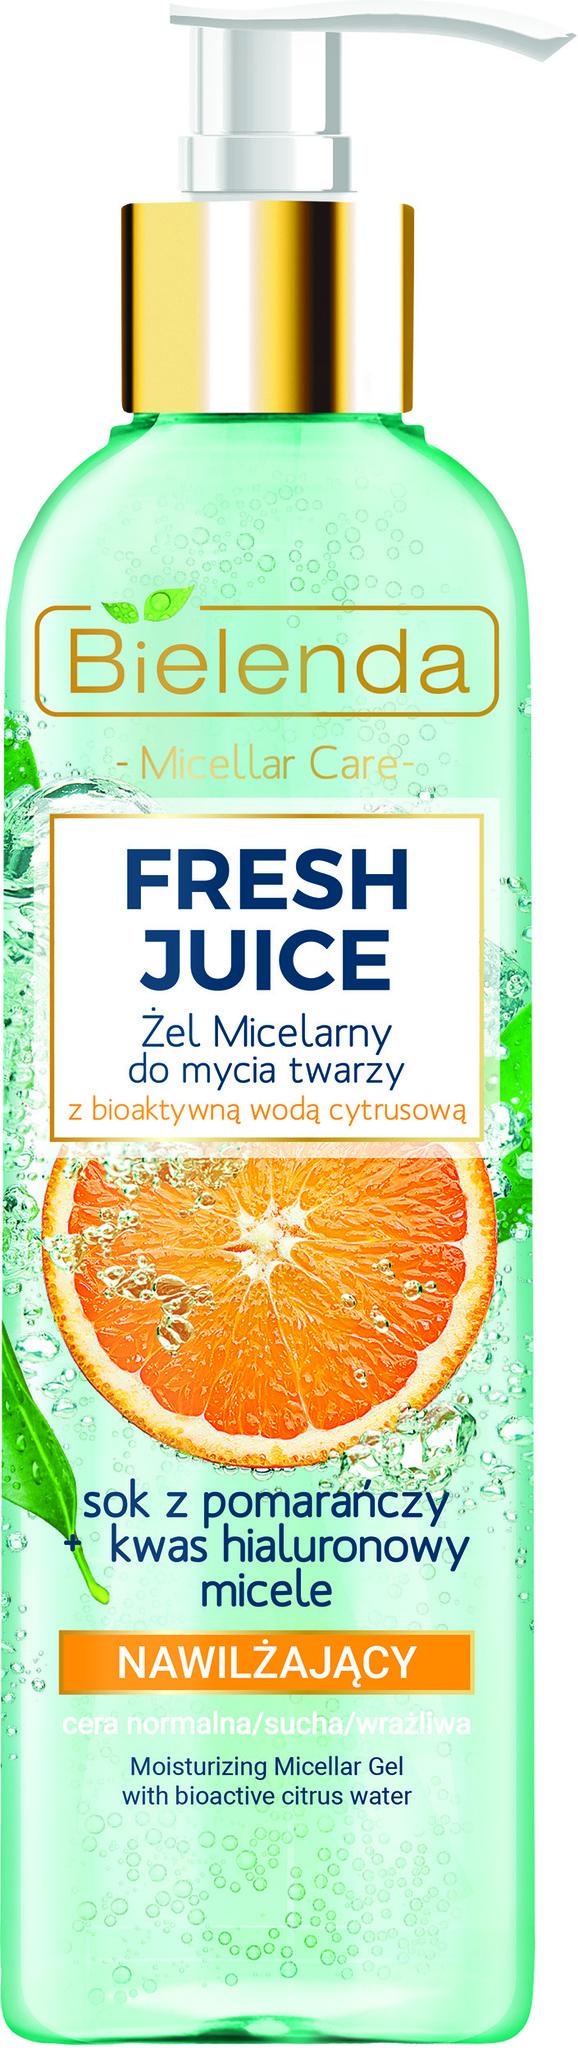 FRESH JUICE Увлажняющий мицеллярный гель для умывания лица, Апельсин, 190 г